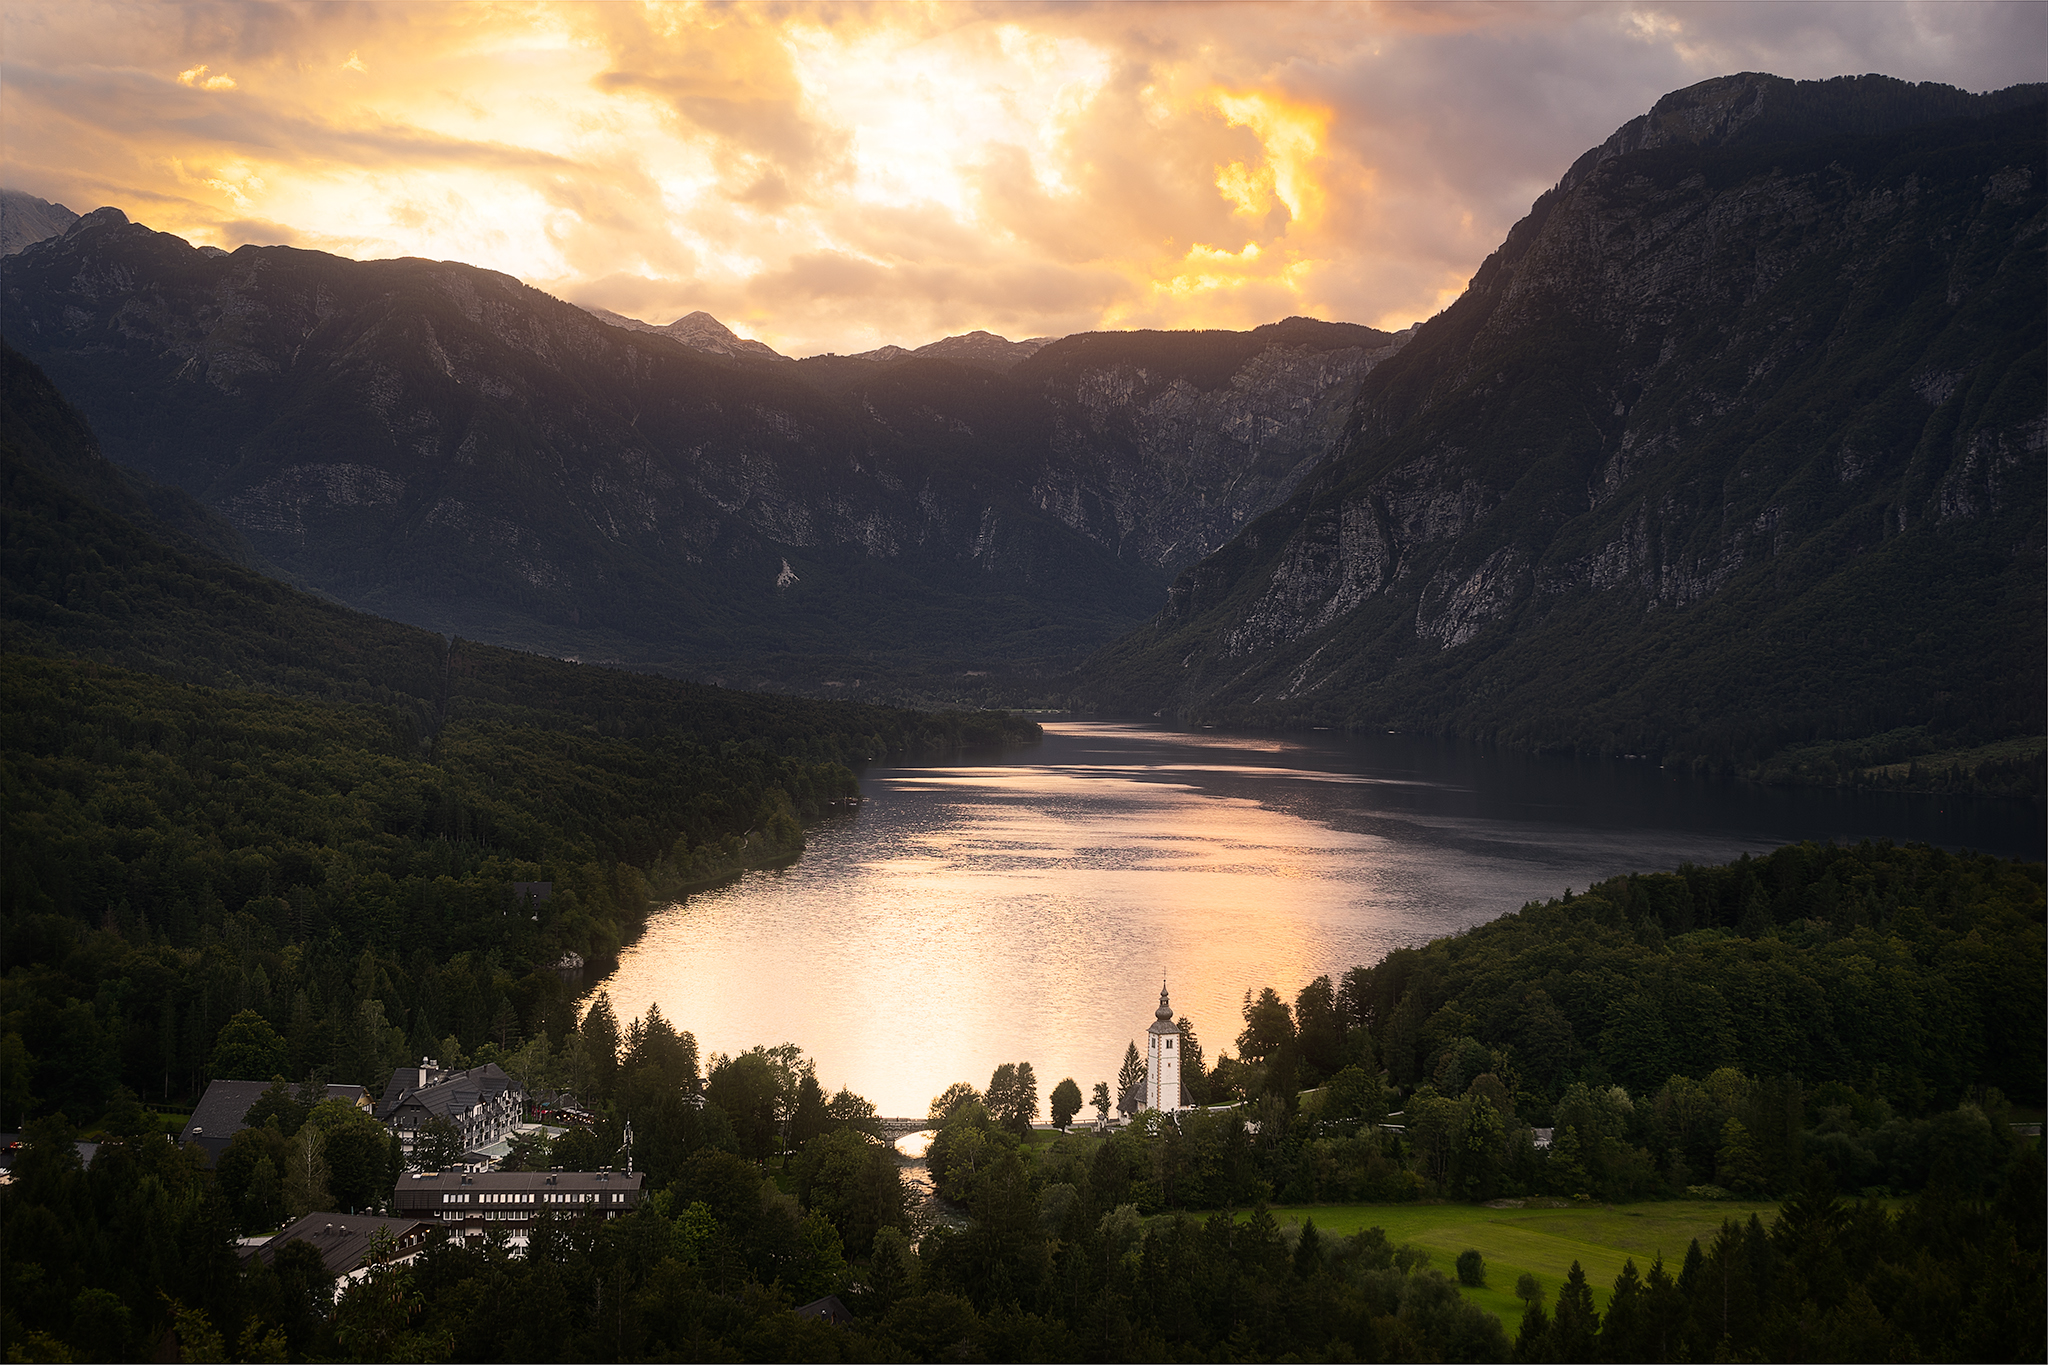 Lake Bohinj view point, Slovenia